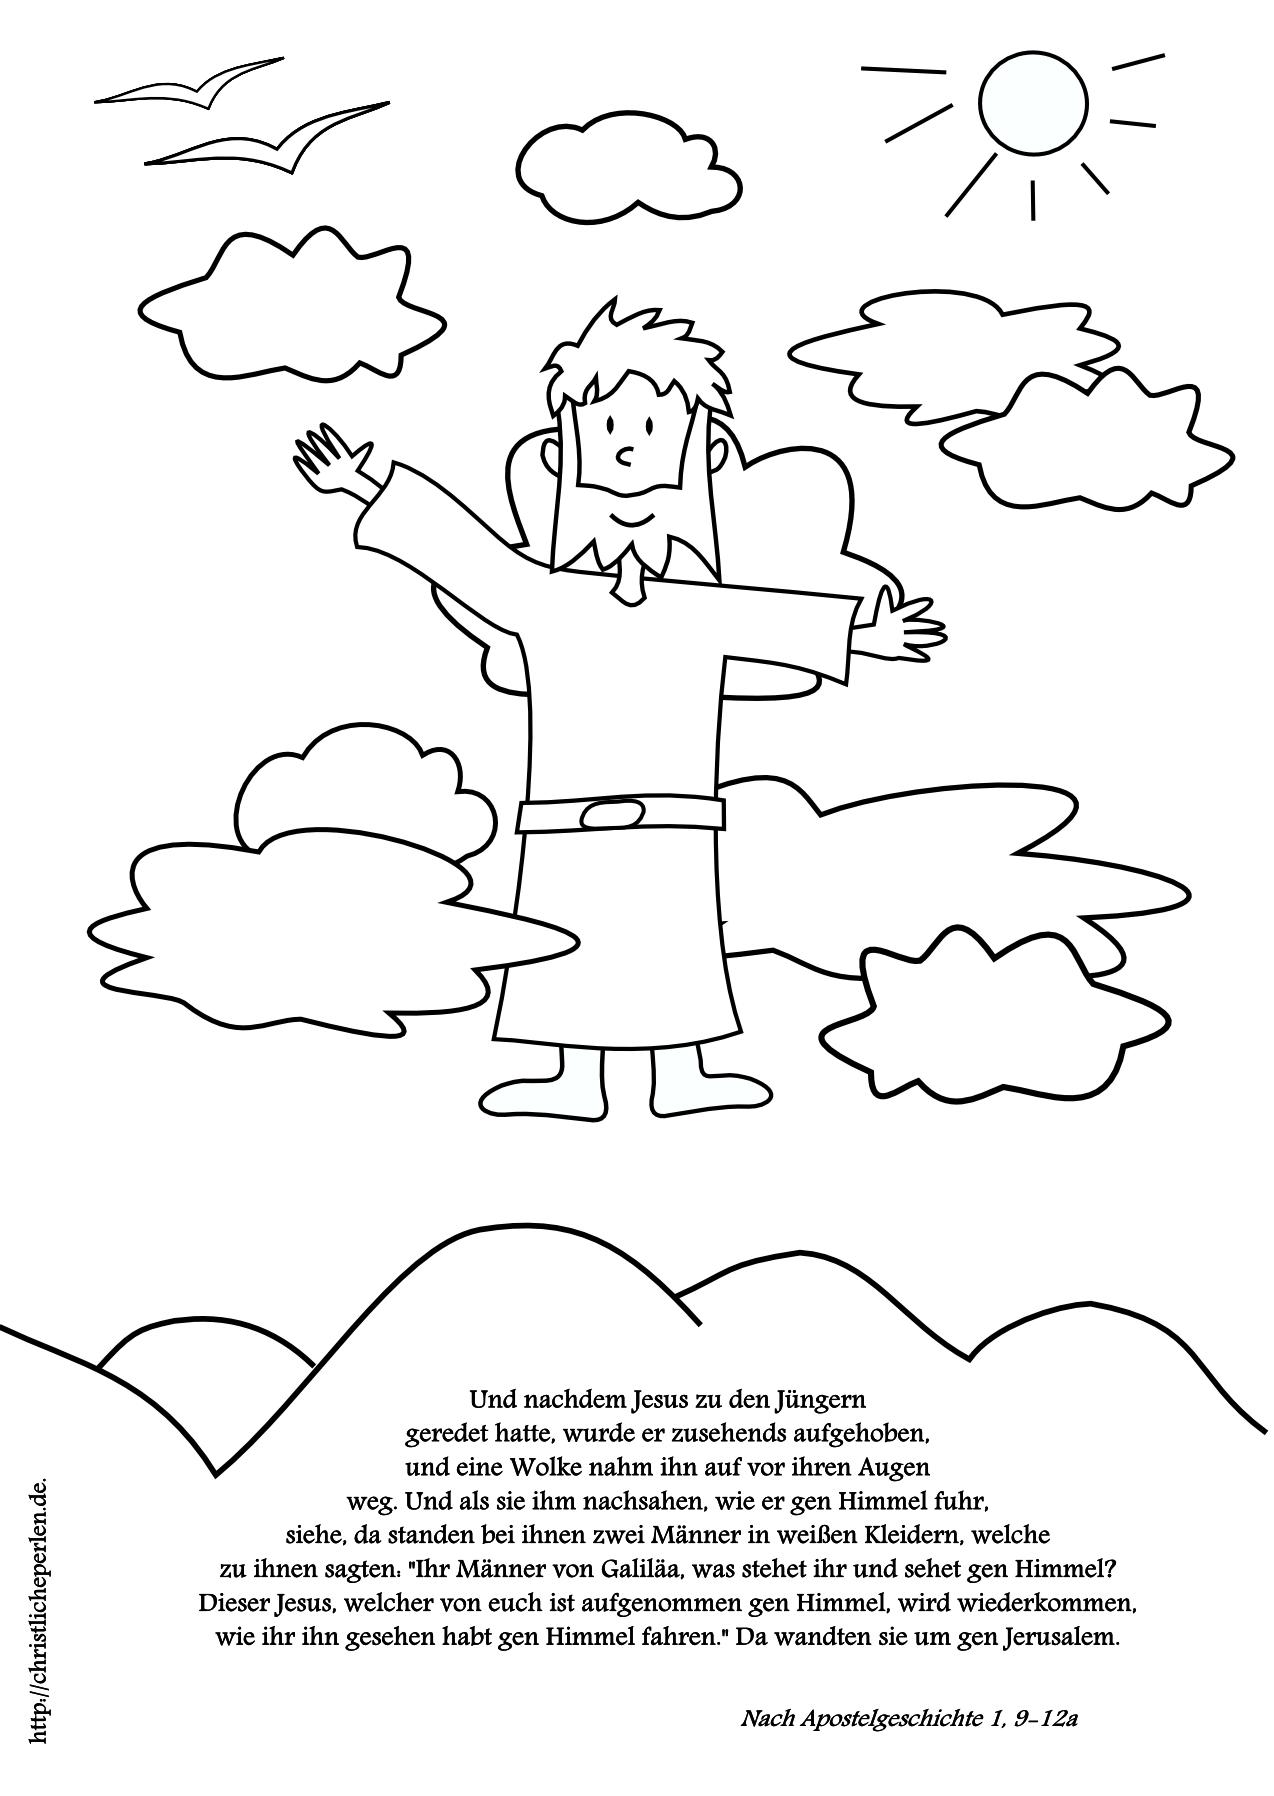 Basteln Wattebild Ausmalbild Zu Himmelfahrt